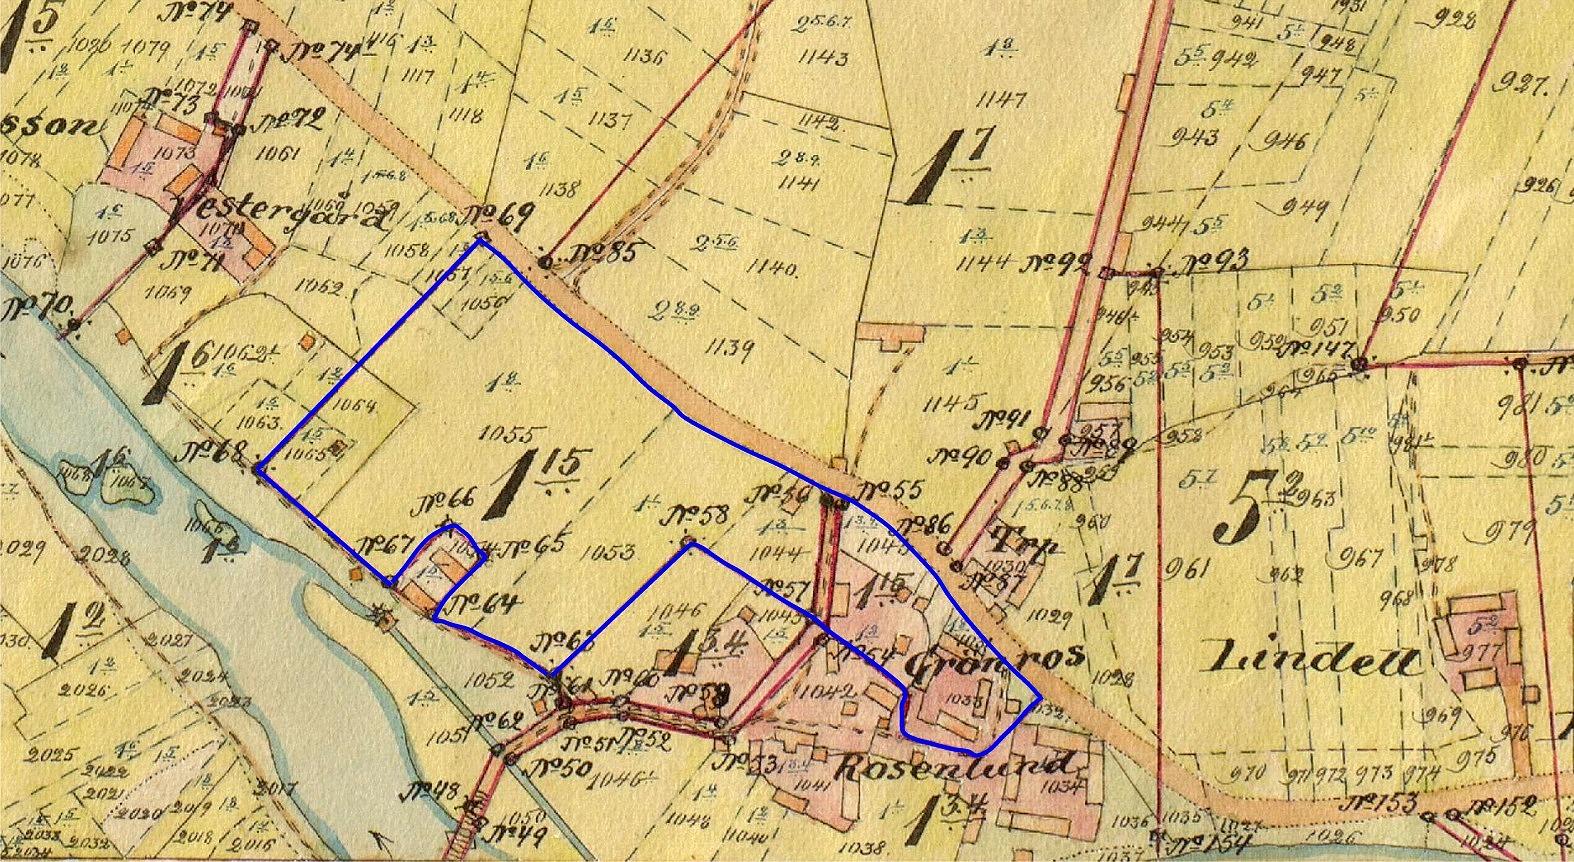 Vid storskiftet 1900-1912 fick Erland och Selma Grönroos sitt hemman Grönros 1:15 väl samlat i ett par skiften. Hemskiftet låg mellan landsvägen och Lappfjärds å.